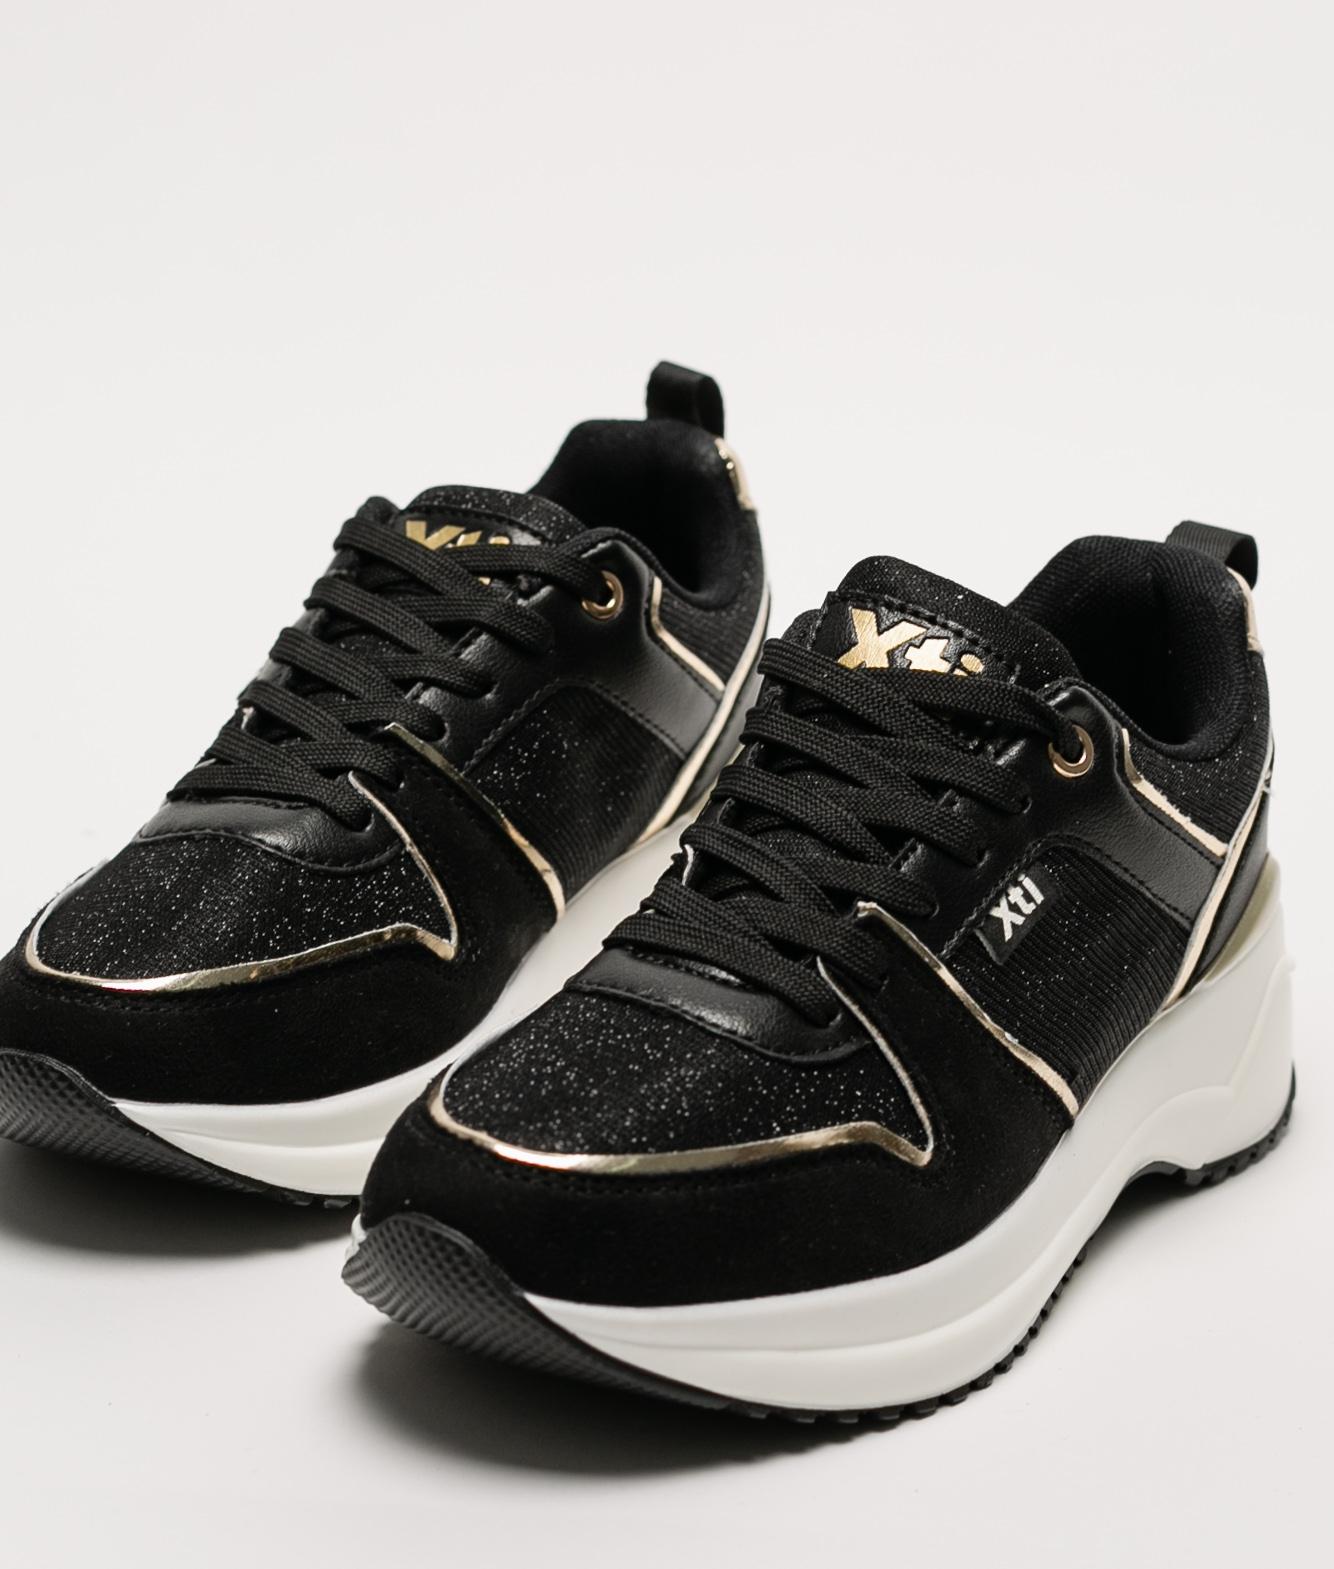 Sneakers Cluba Xti - Noir